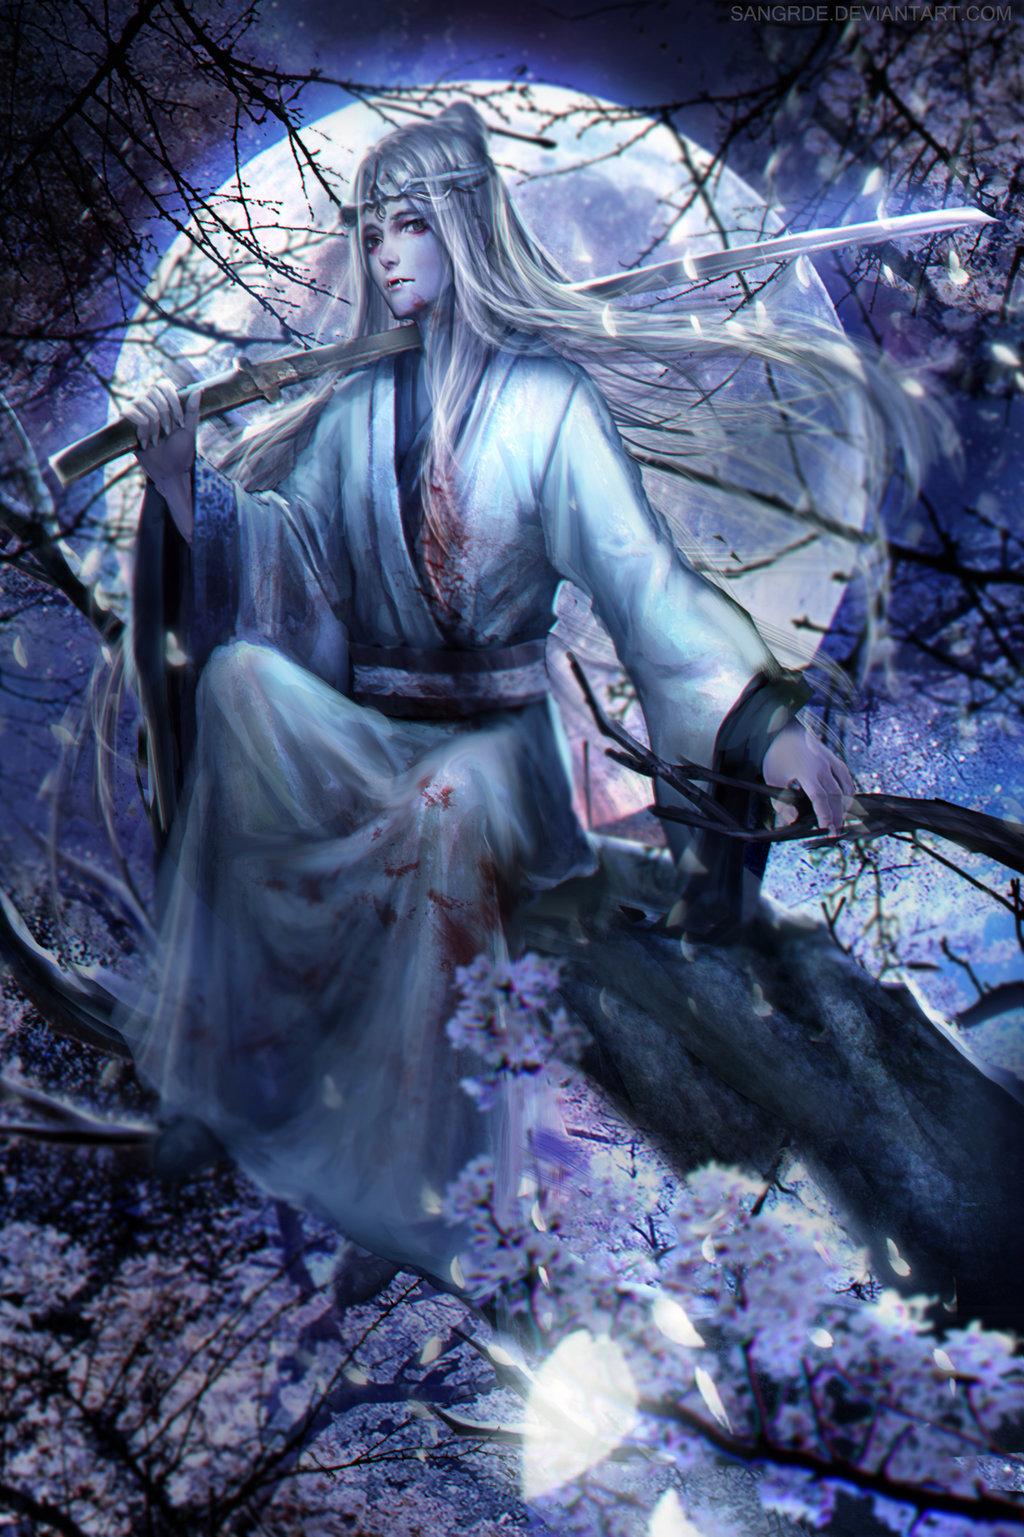 Фото Белокурый вампир в окровавленном кимоно с катаной в руке сидит на ветке цветущей сакуры на фоне полной луны, by Sangrde